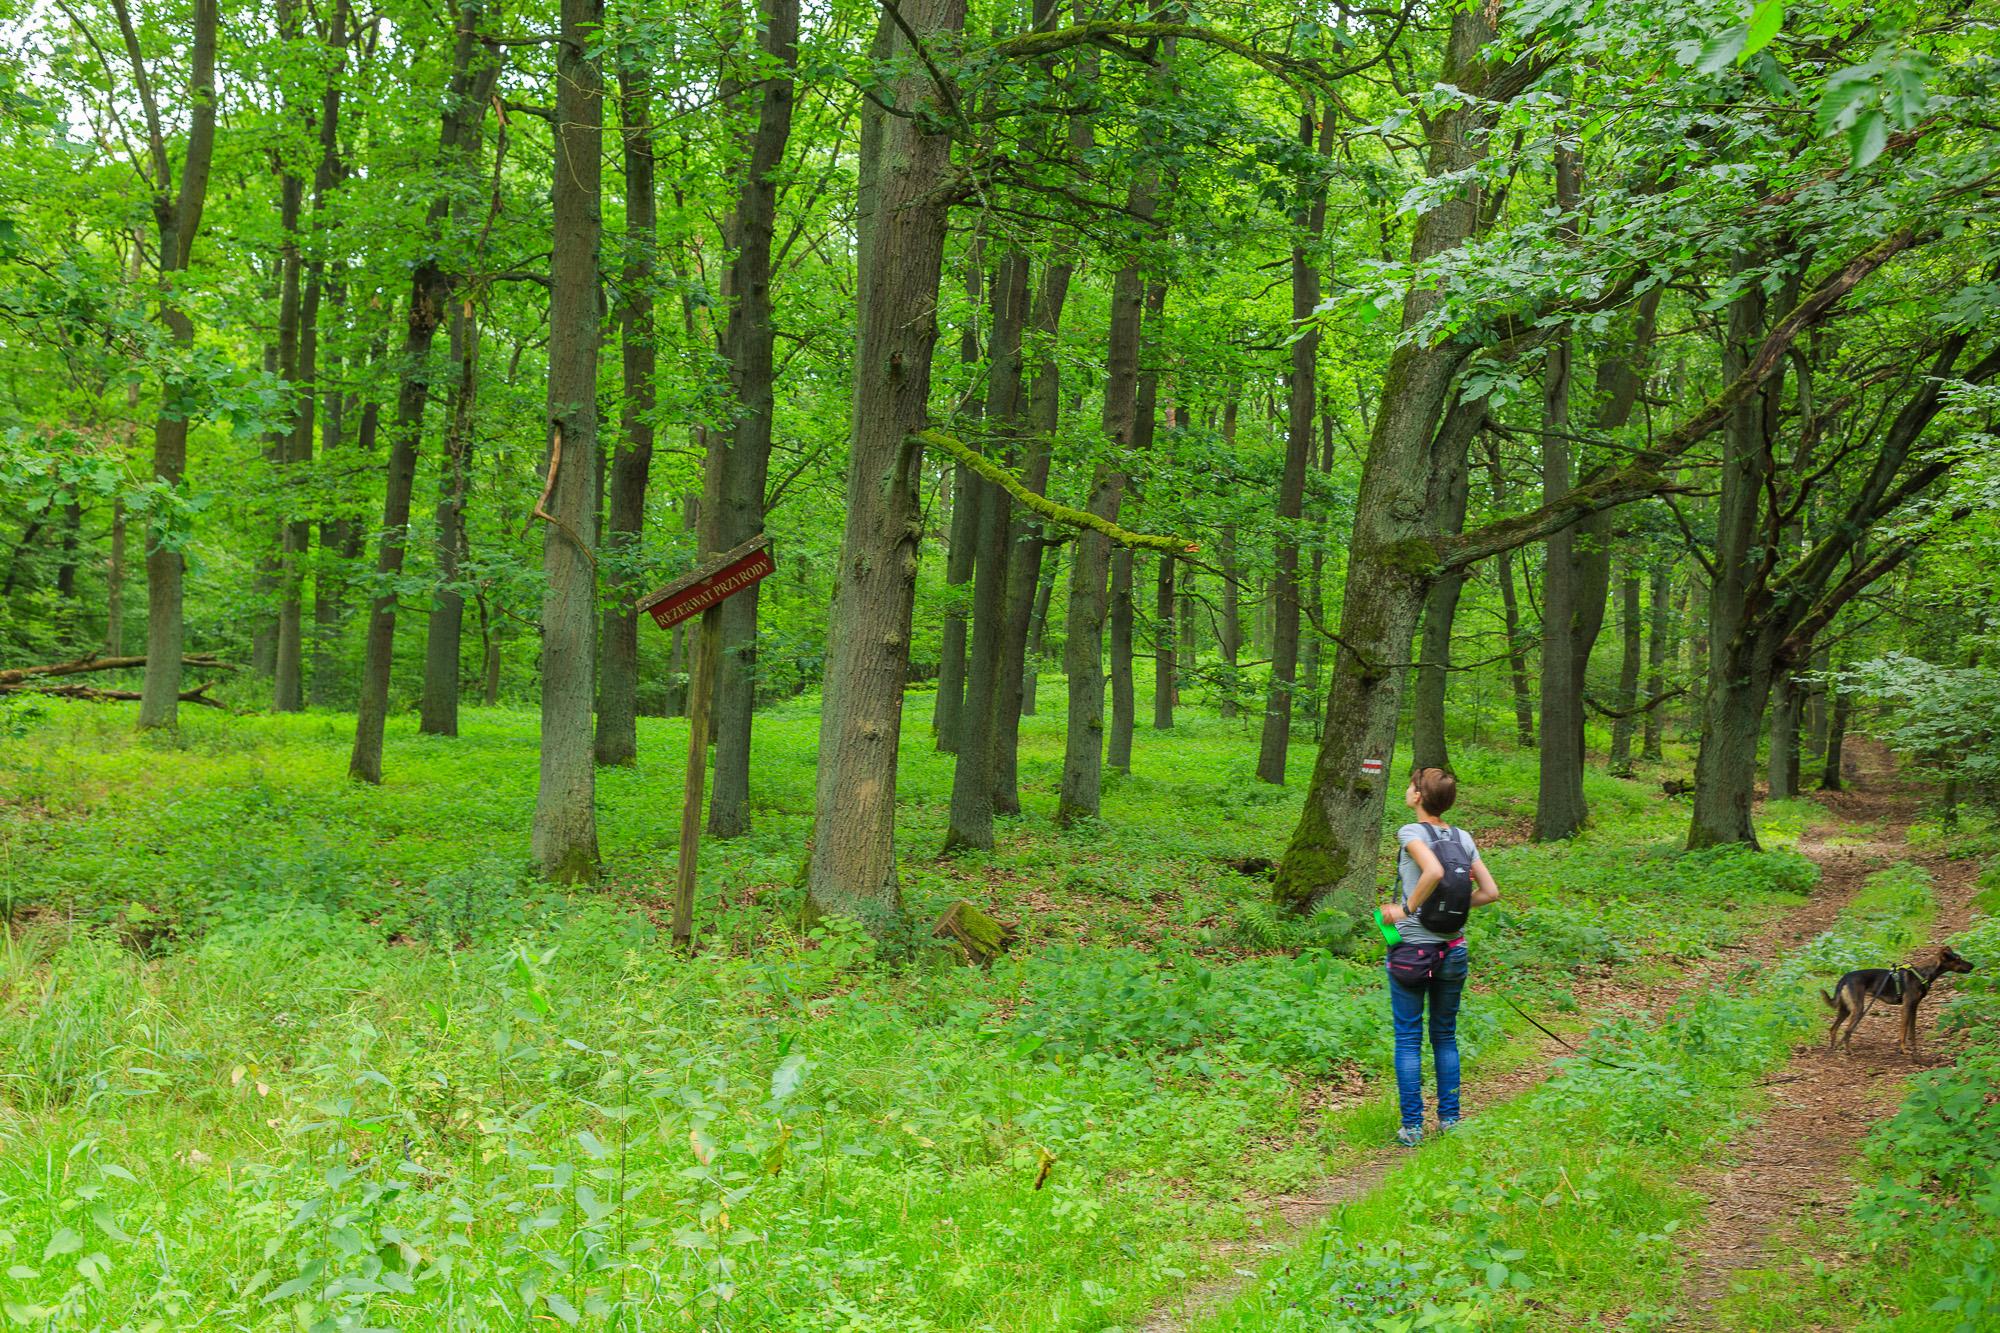 Kamionna: Rezerwat przyrody Dolina Kamionki